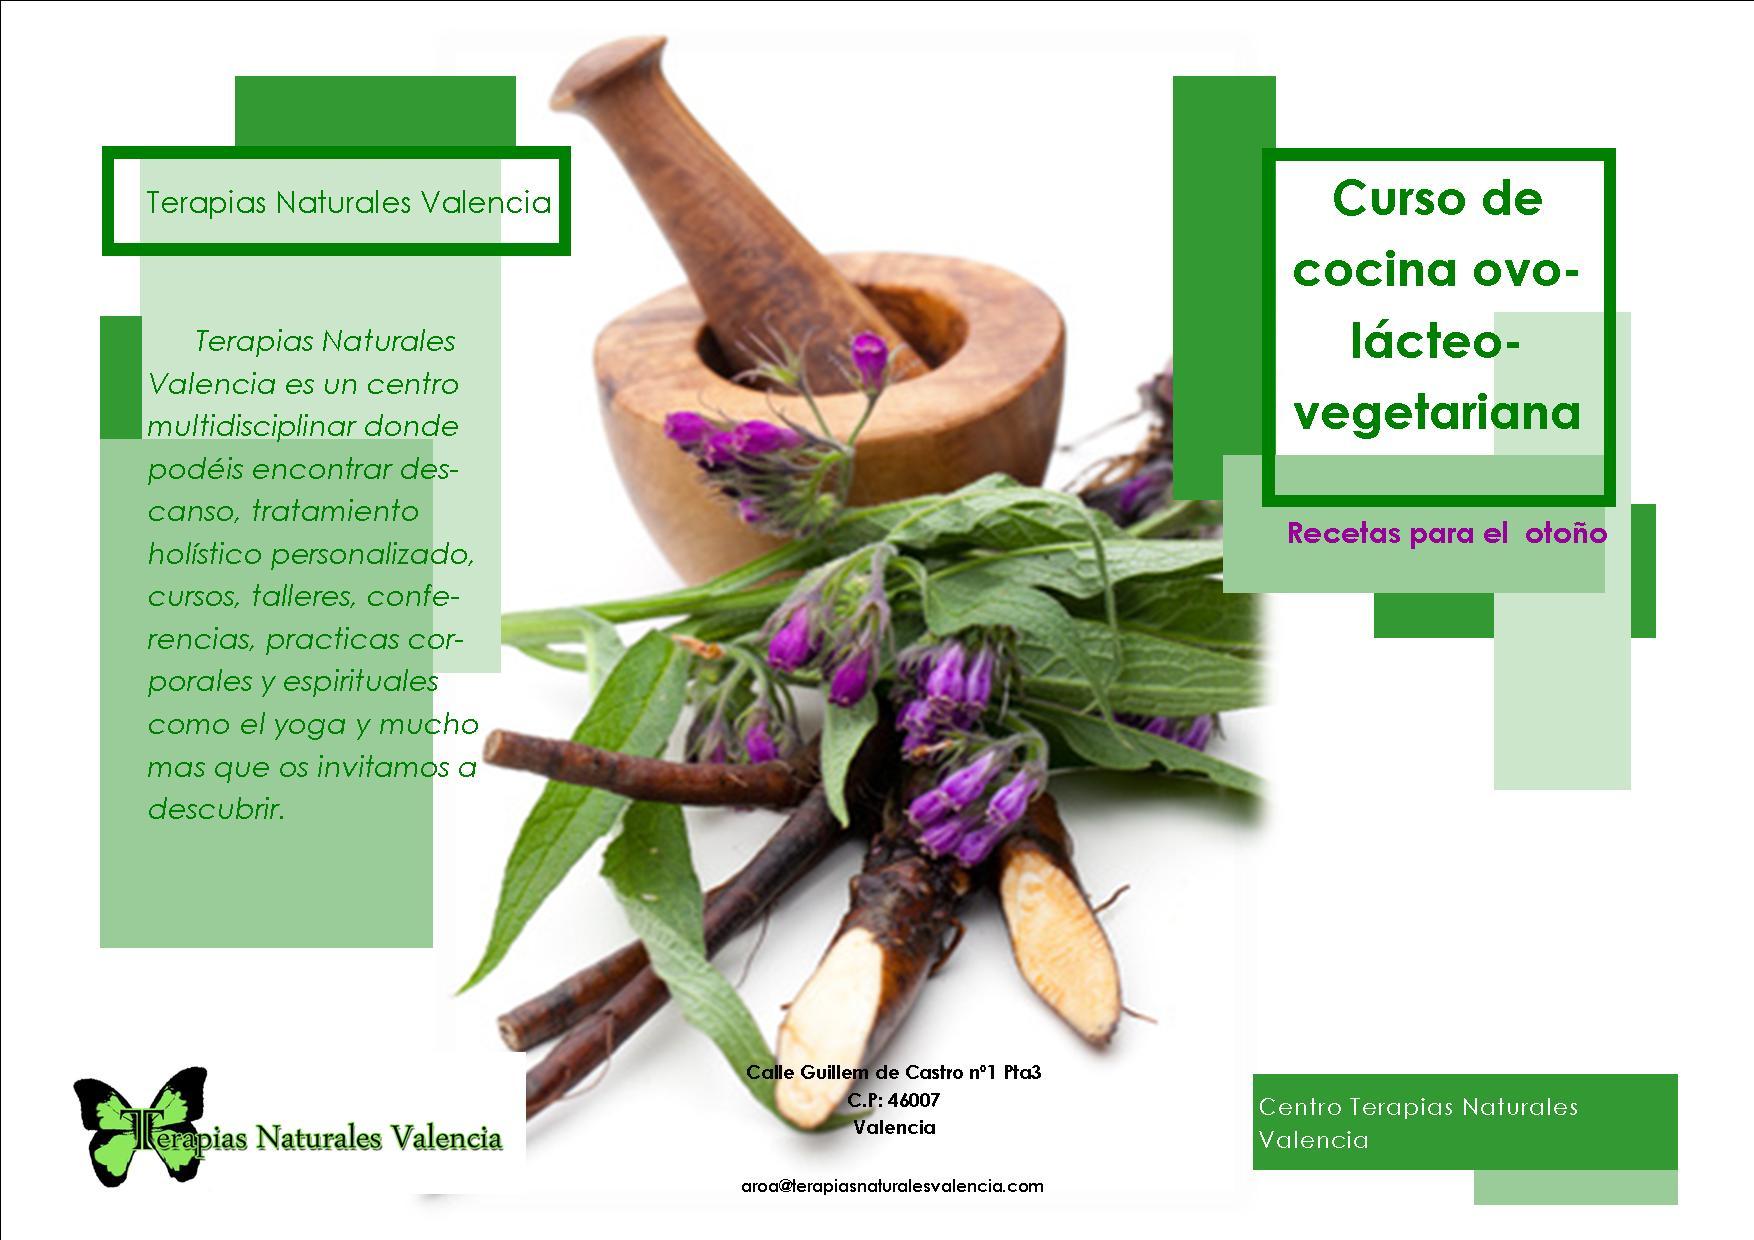 Bonito curso de cocina vegana im genes curso de cocina - Escuela de cocina vegetariana ...